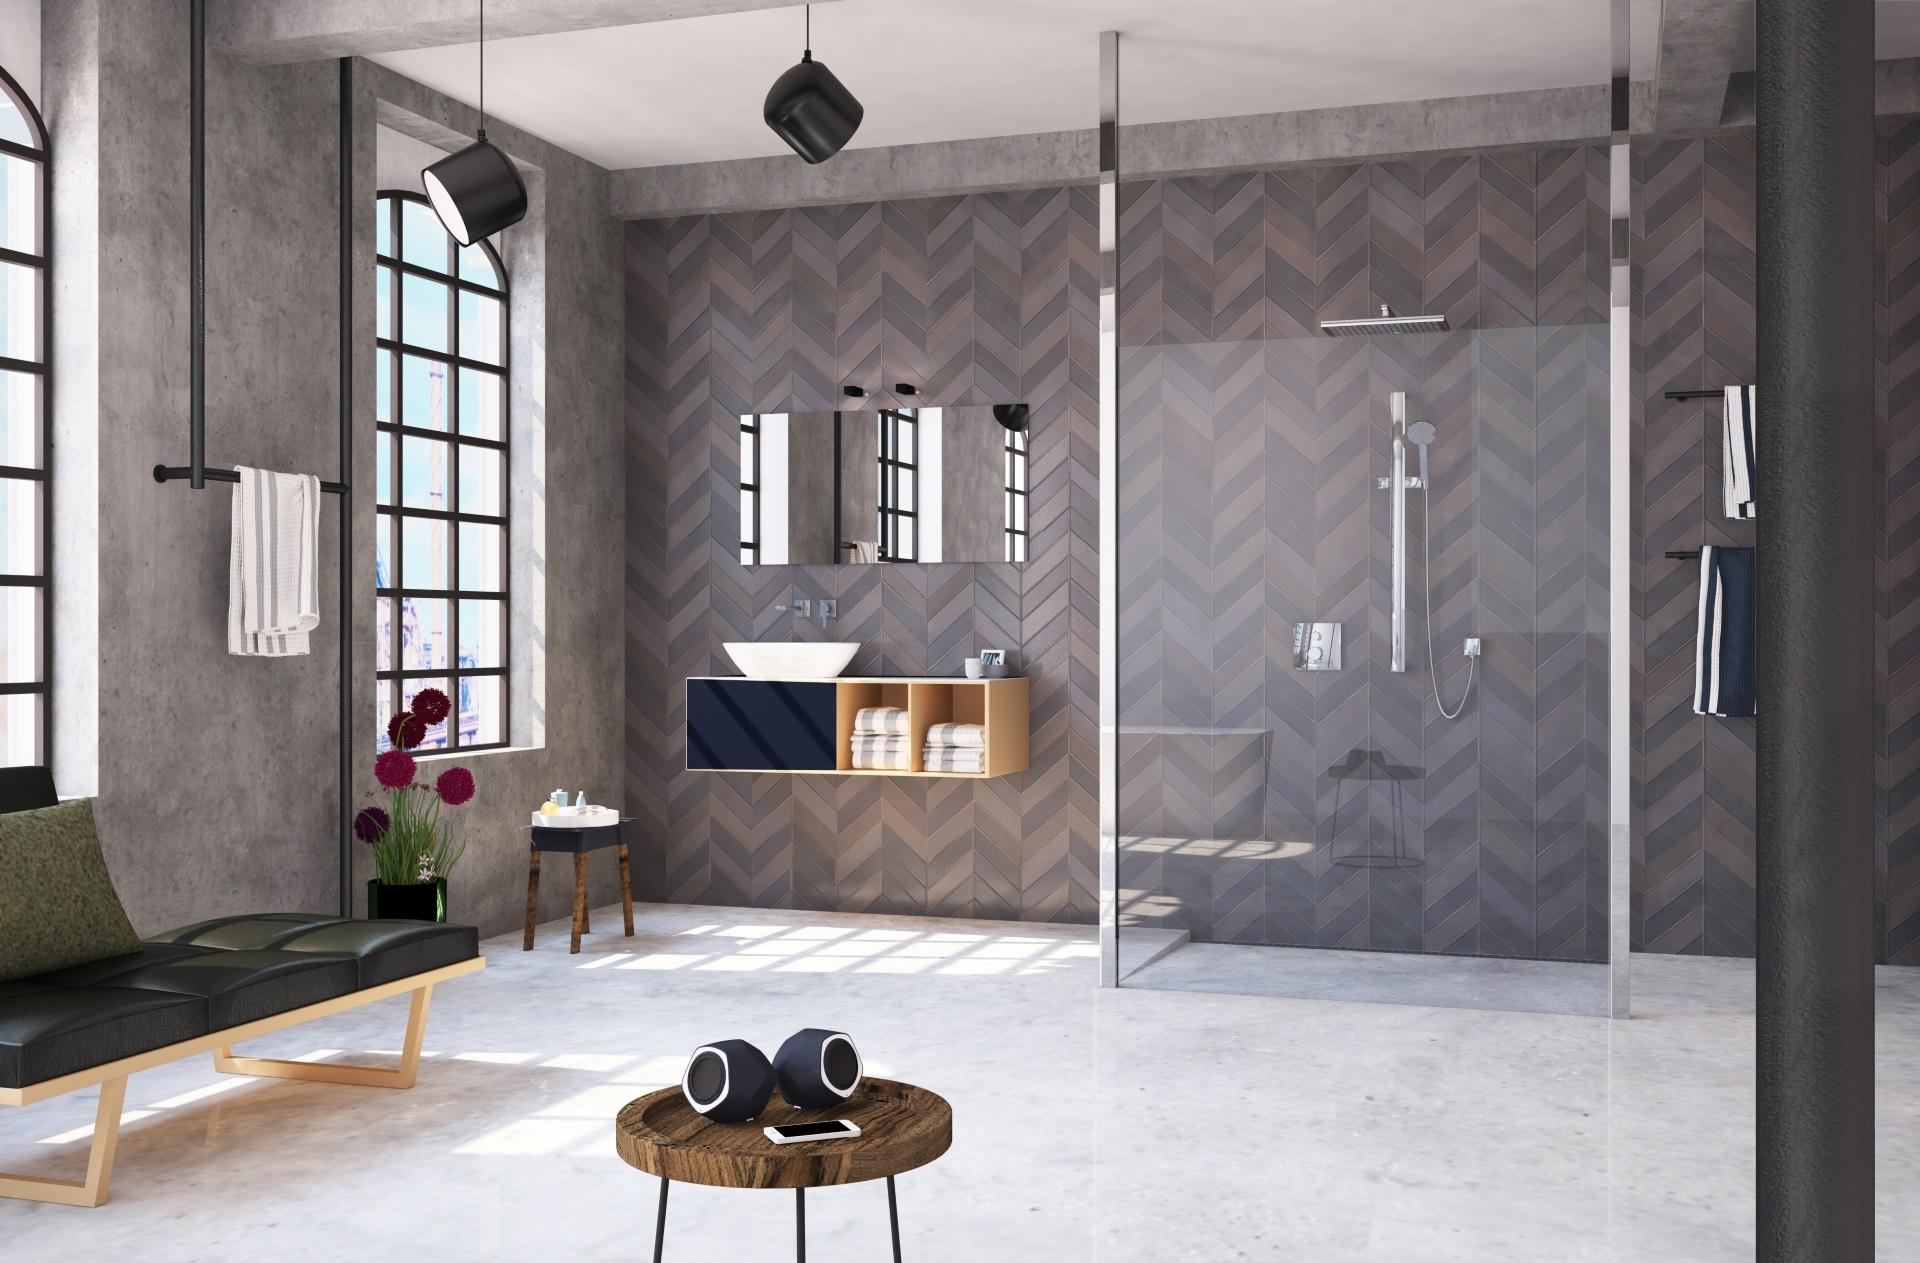 Abbildung design Badezimmer von glassdouche mit Raum-Dusche mit zwei deckenhohen Design-Profilen in Chrom.